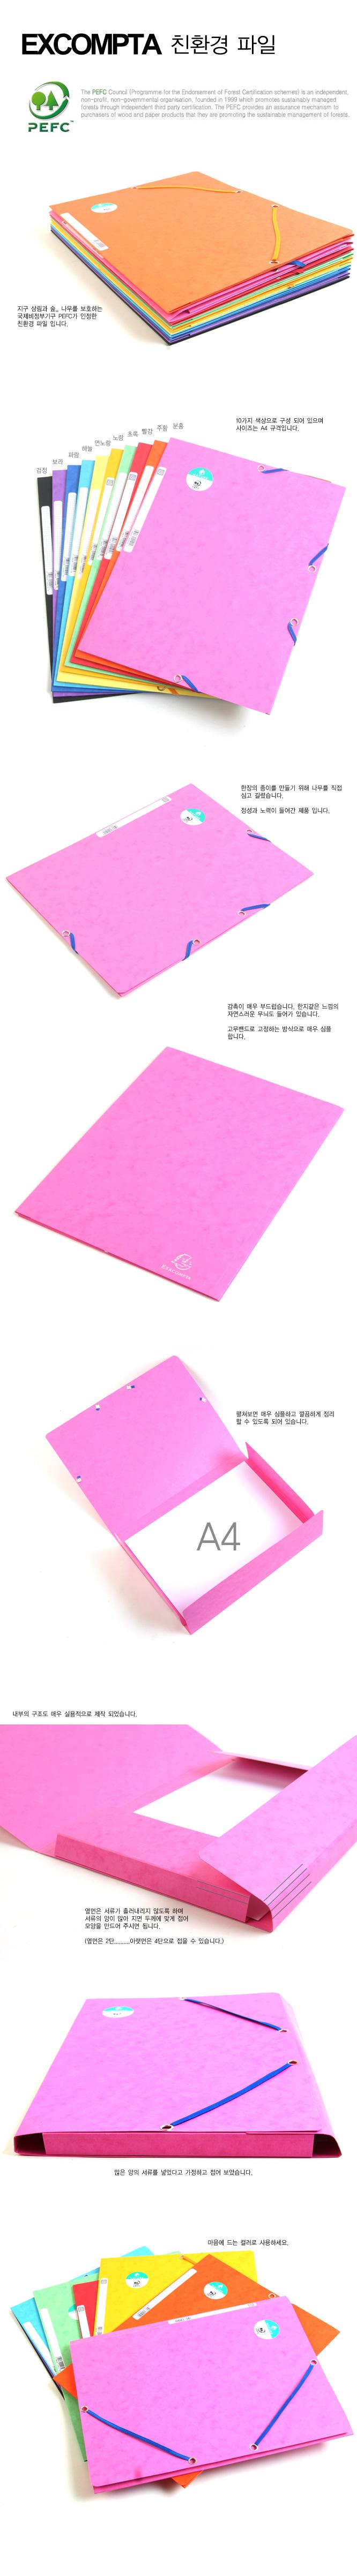 엑스꼼따 친환경 파일폴더 A4 - 캘리하우스, 2,200원, 파일/클립보드, 종이화일